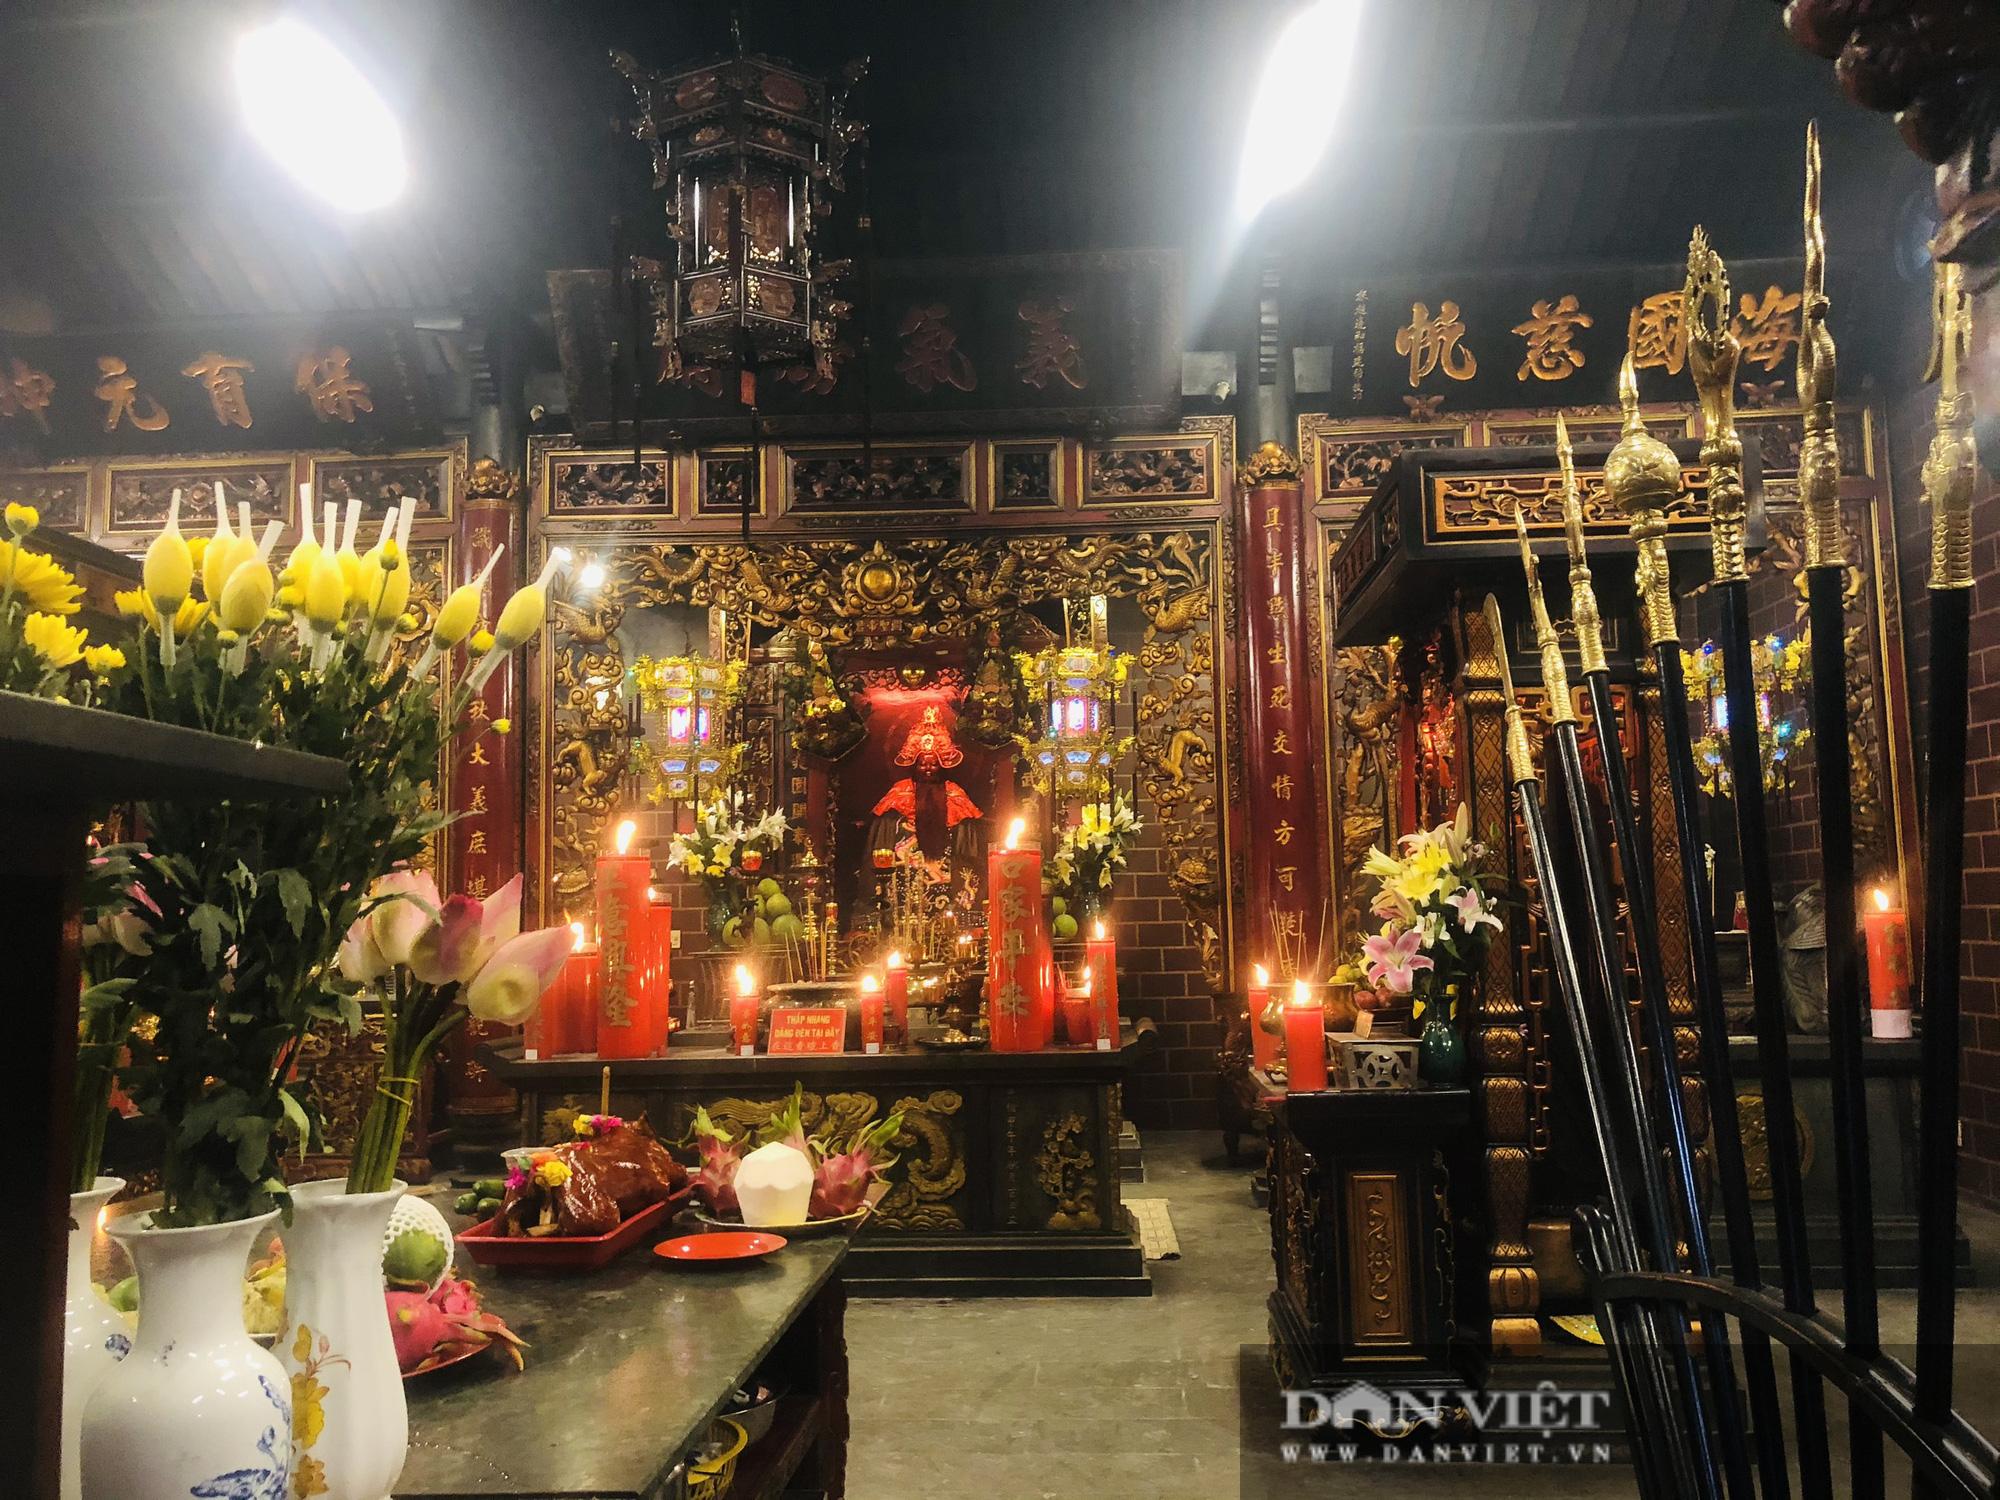 Thất phủ cổ miếu: Ngôi chùa Hoa đầu tiên ở Nam Bộ, nơi giao thoa giữa hai nền văn hoá Việt – Hoa - Ảnh 11.